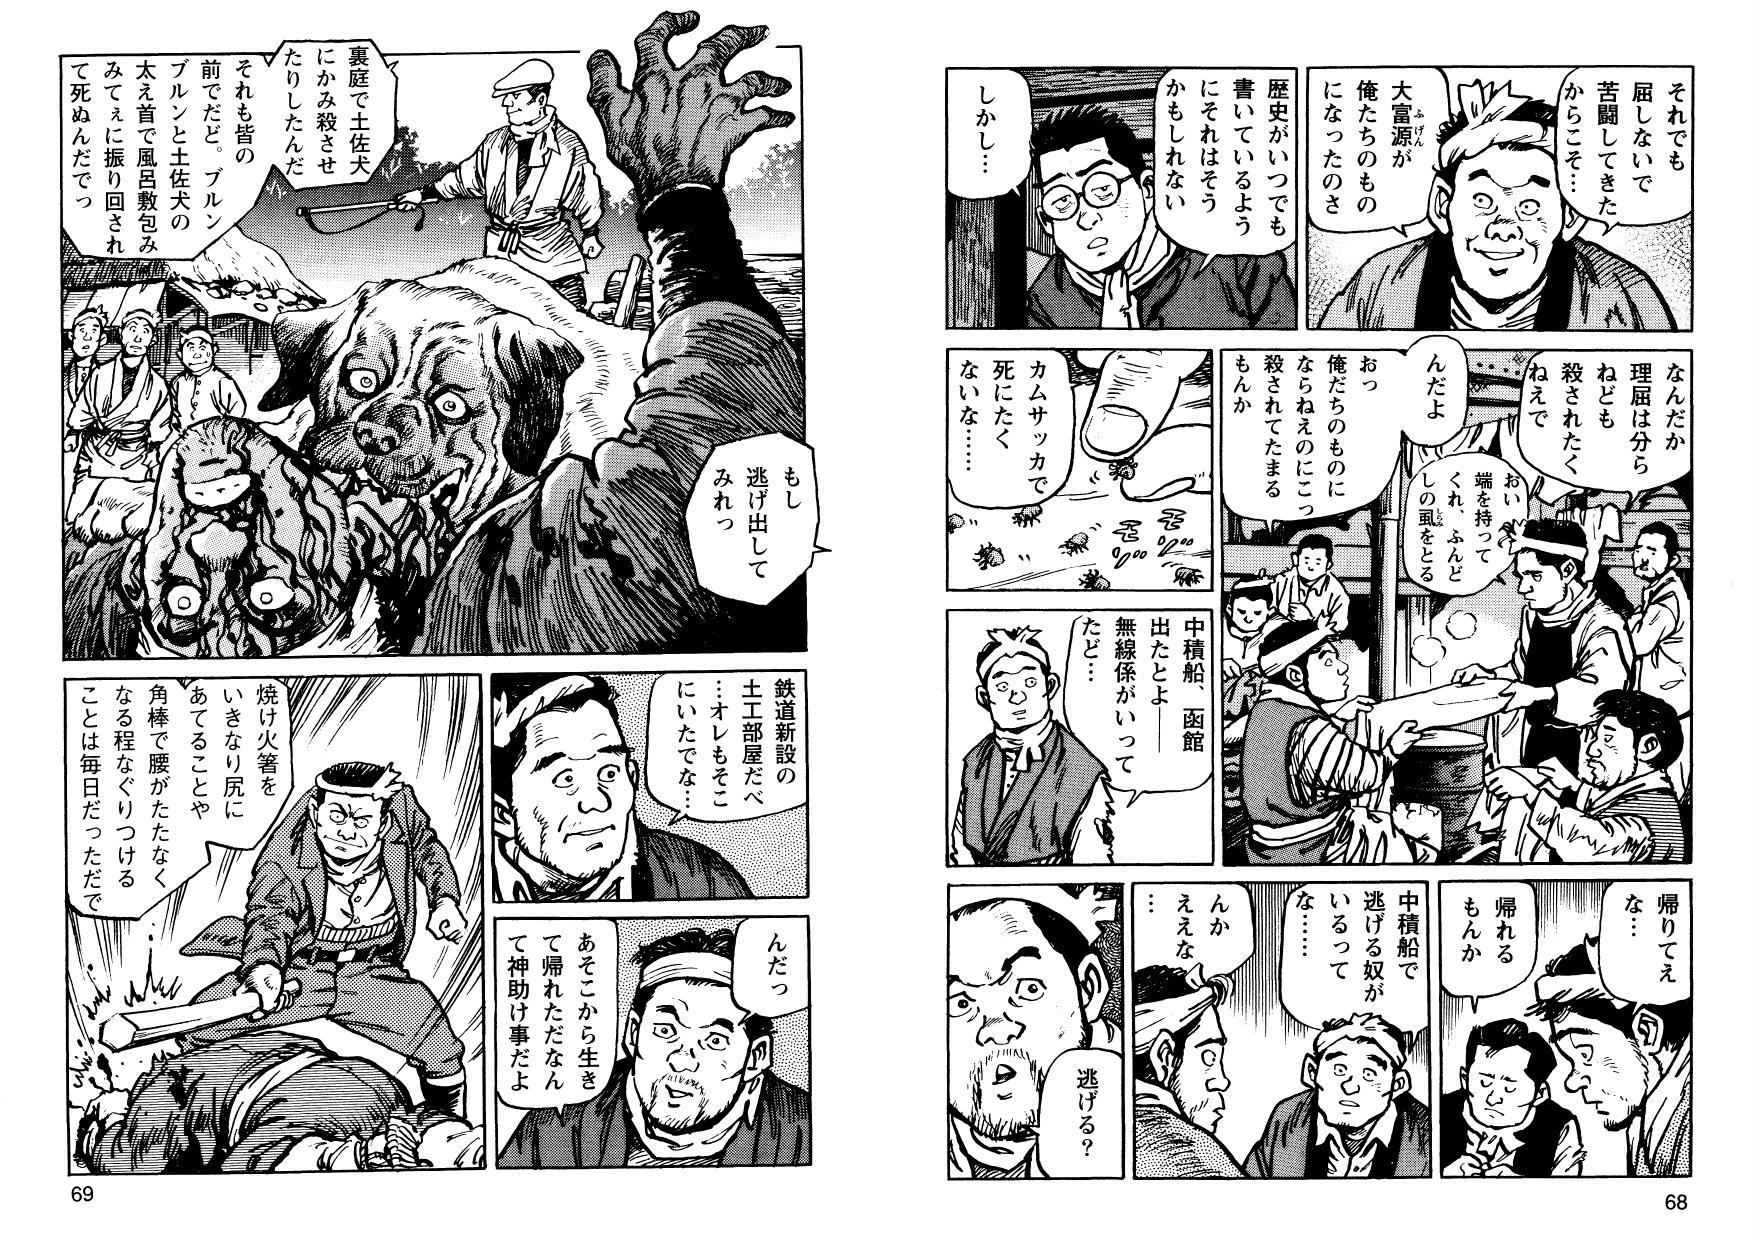 kani_cmc_000035.jpg